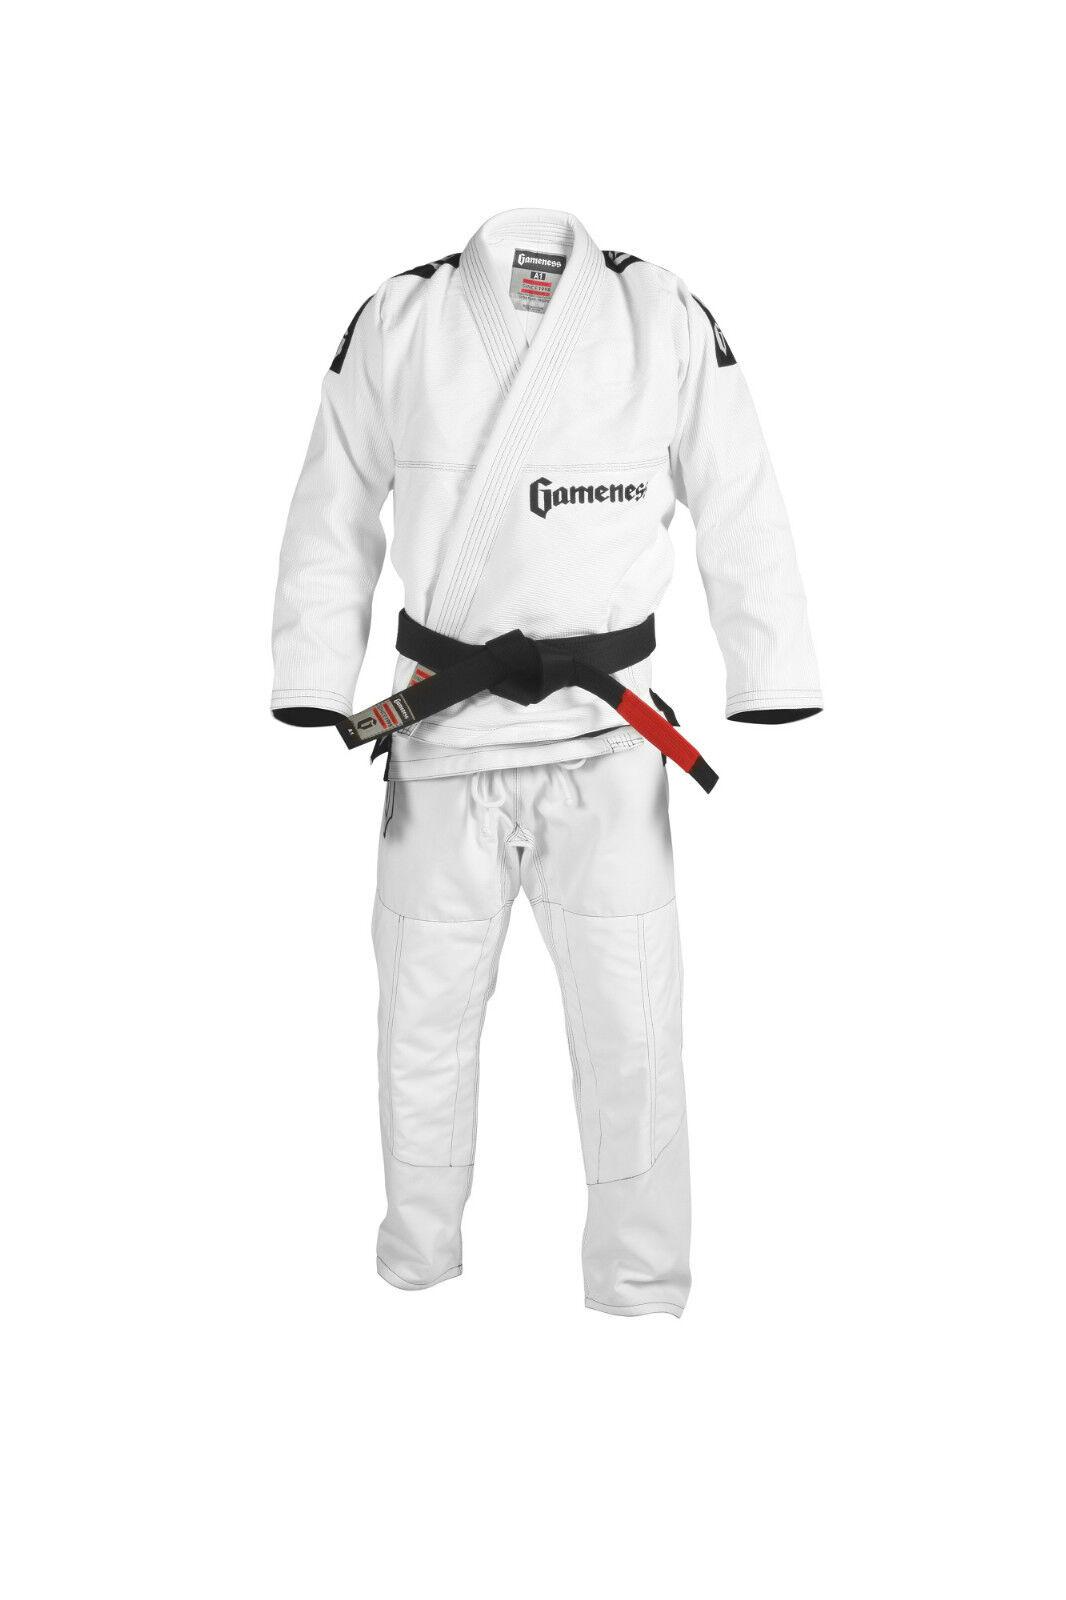 Gameness Pearl BJJ Gi White Brazilian Jiu Jitsu Gi Kimono Uniform